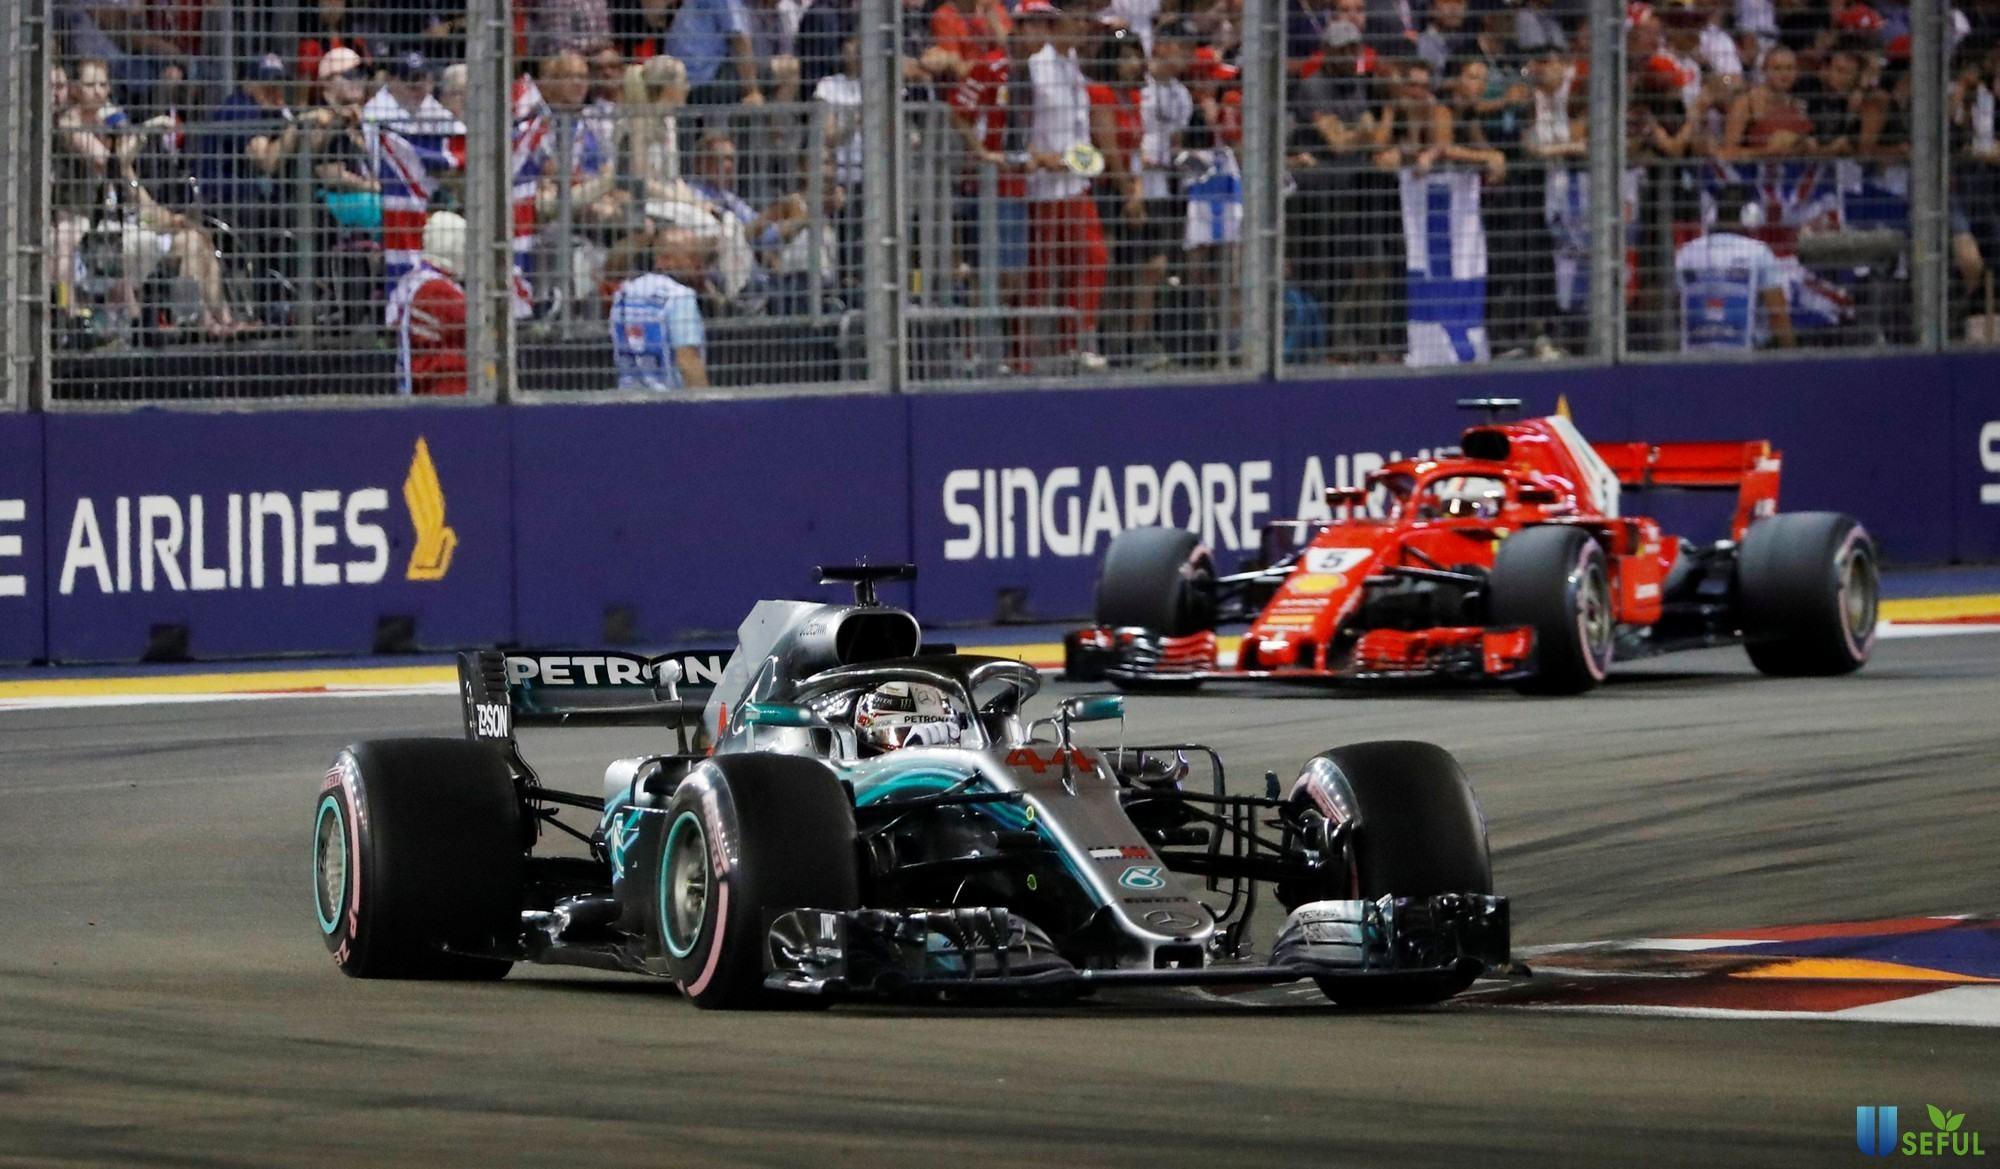 Hà Nội tổ chức đua xe F1: Bài học từ Singapore và Malaysia - Báo ...